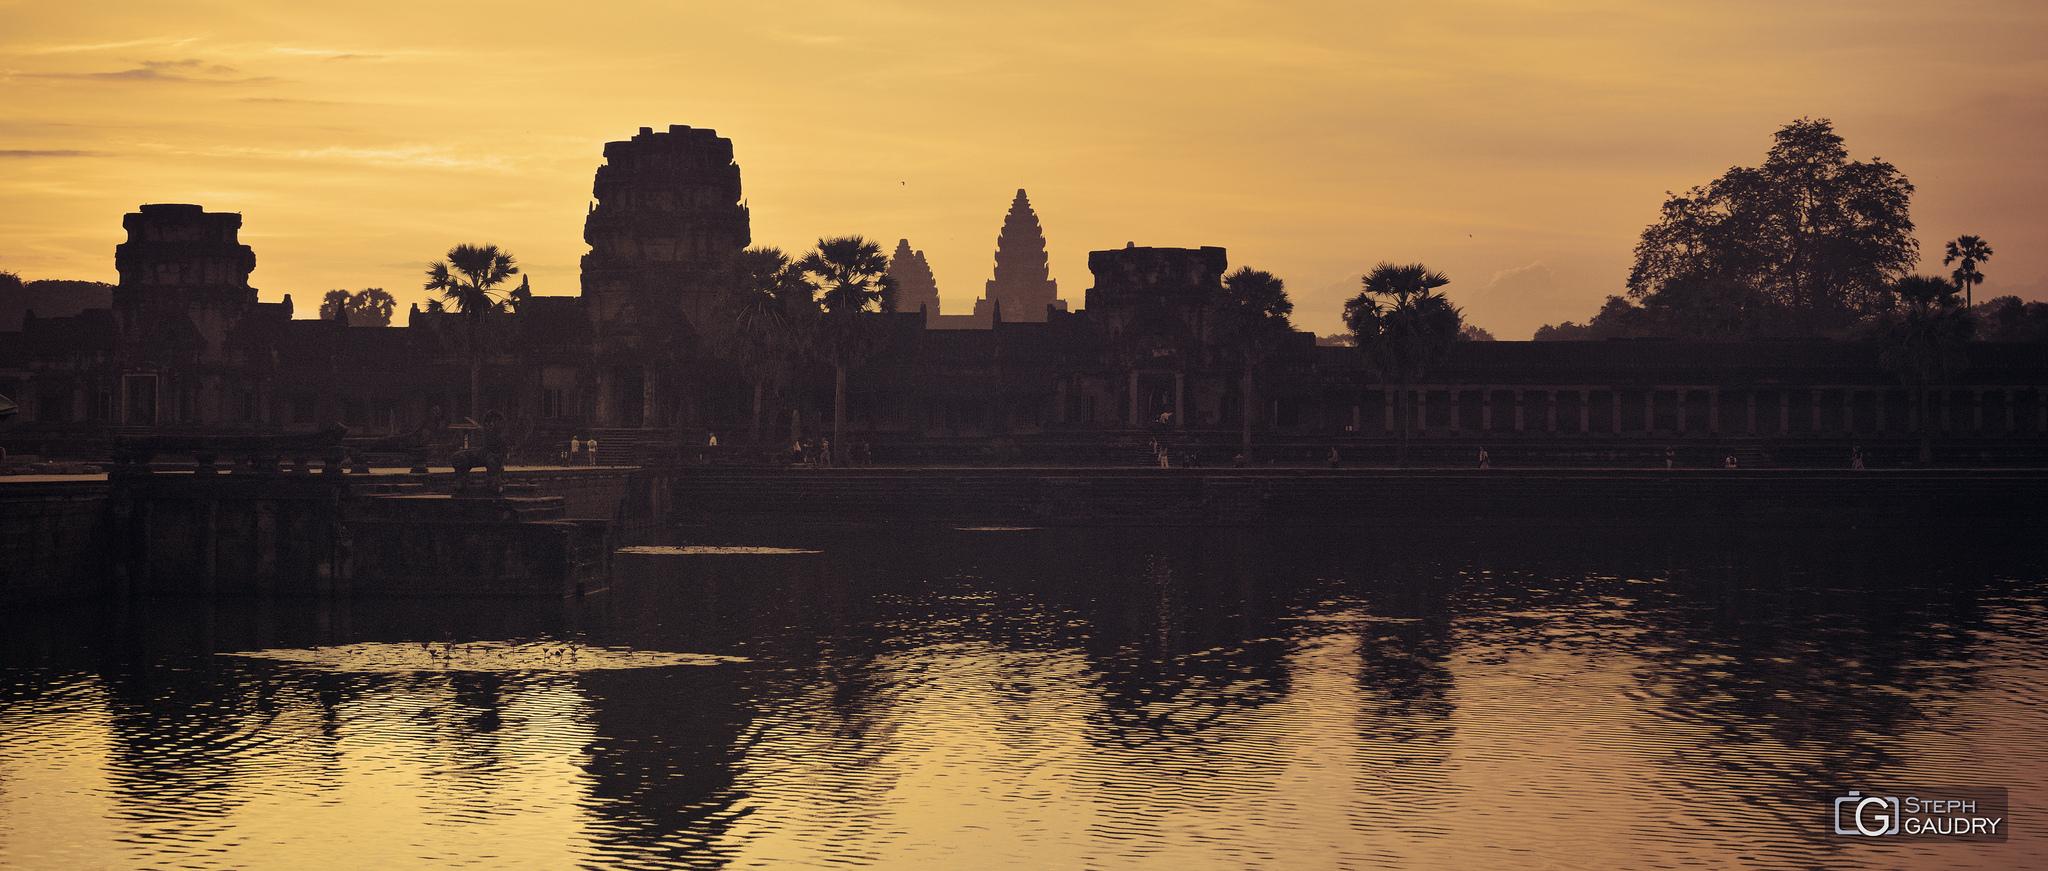 Lever de soleil sur Angkor Vat [Click to start slideshow]